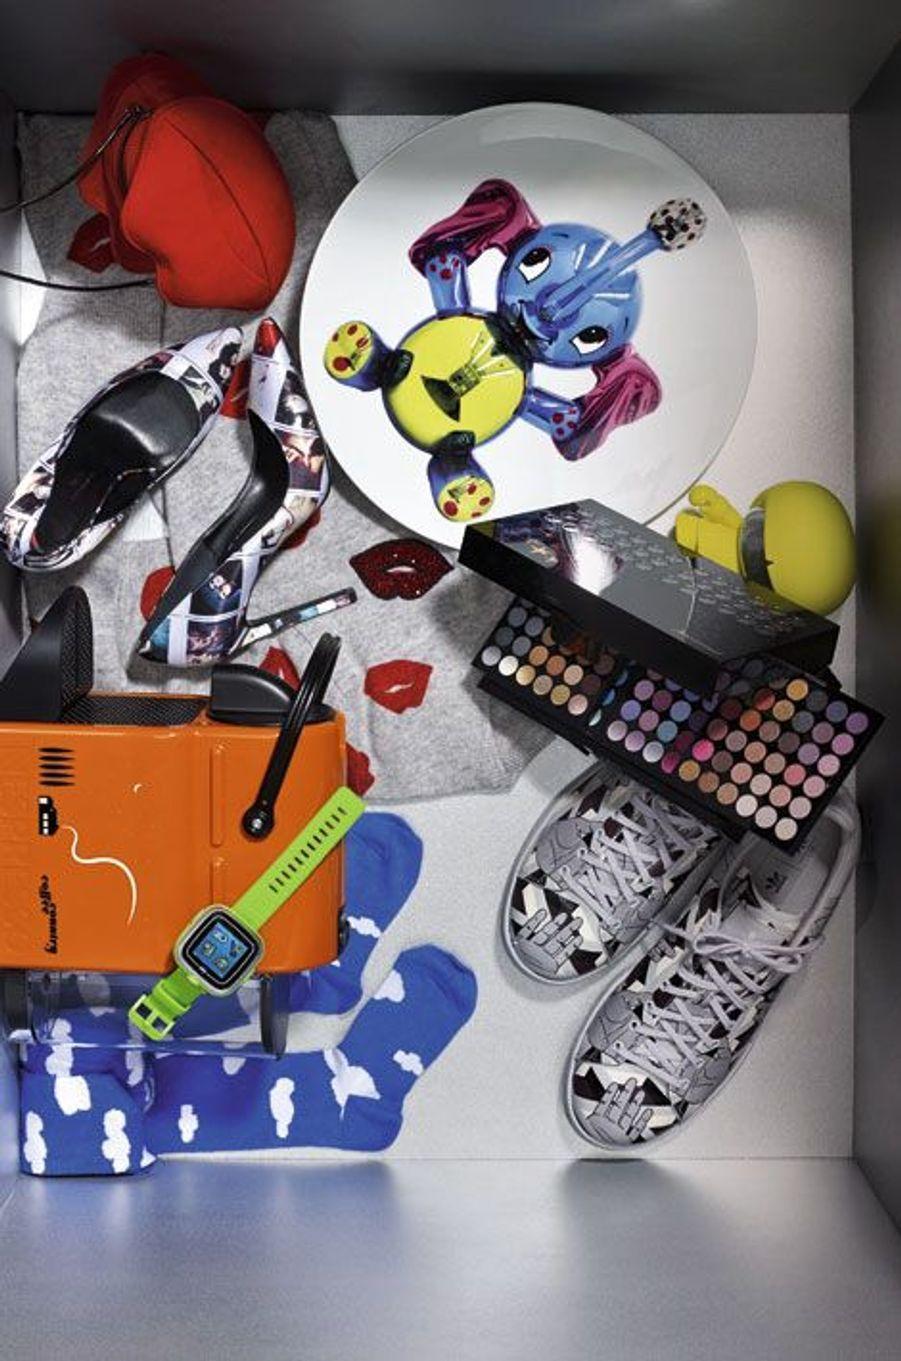 1.Coupe «Eléphant», à l'occasion de la rétrospective Jeff Koons, un collector édité à 2500 exemplaires. Bernardaud/Koons, en vente à la boutique du Centre Pompidou. 464€. 2.Enceinte «Xboy Speaker», Bluetooth sans fil avec micro intégré pour les conversations téléphoniques. Xoopar. 69,99€. 3.132 ombres à paupières, 40nuances de fards à lèvres… On craque. Palette de maquillage XXL. Marionnaud. 29,90€. 4.Stan Smith, sneakers emblématiques d'Adidas lancées en 1973, revisitées dans un imprimé géométrique issu de la collaboration entre Adidas Originals et Opening Ceremony. 180€. 5.Collant imprimé, pour avoir non seulement la tête, mais aussi les gambettes dans les nuages. Cocotruc. 35€. 6.«Kidizoom Smart Watch», un concentré high-tech pour les enfants avec appareil photo, vidéo, micro intégré pour transformer sa voix. 3minijeux inclus. Vtech. 60€. 7.Dernière-née des machines Nespresso en série limitée Inissia Summer Sun par Vahram Muratyan. 119€. 8.Cardigan 100% cachemire qui nous invite à sourire avec son imprimé lipstick et sa broderie en strass. Eric Bompard. 280€. 9.Escarpins en satin imprimé nés de la collaboration entre le créateur Eugène Riconneaus et l'artiste Maripol. Chaque paire est unique, comme son nom l'indique: «Unique Polaroid on satin». Eugène Riconneaus x Maripol. 415€. 10.«Kiss Me» suggère la pochette la plus irrésistible et ludique de la saison. Minelli. 49€.